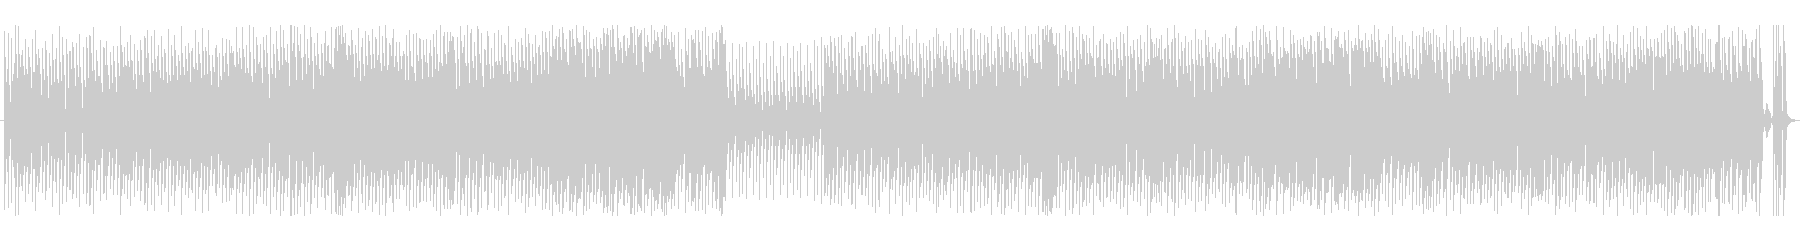 クッキングとヘアメイク動画に合うポップスの未再生の波形